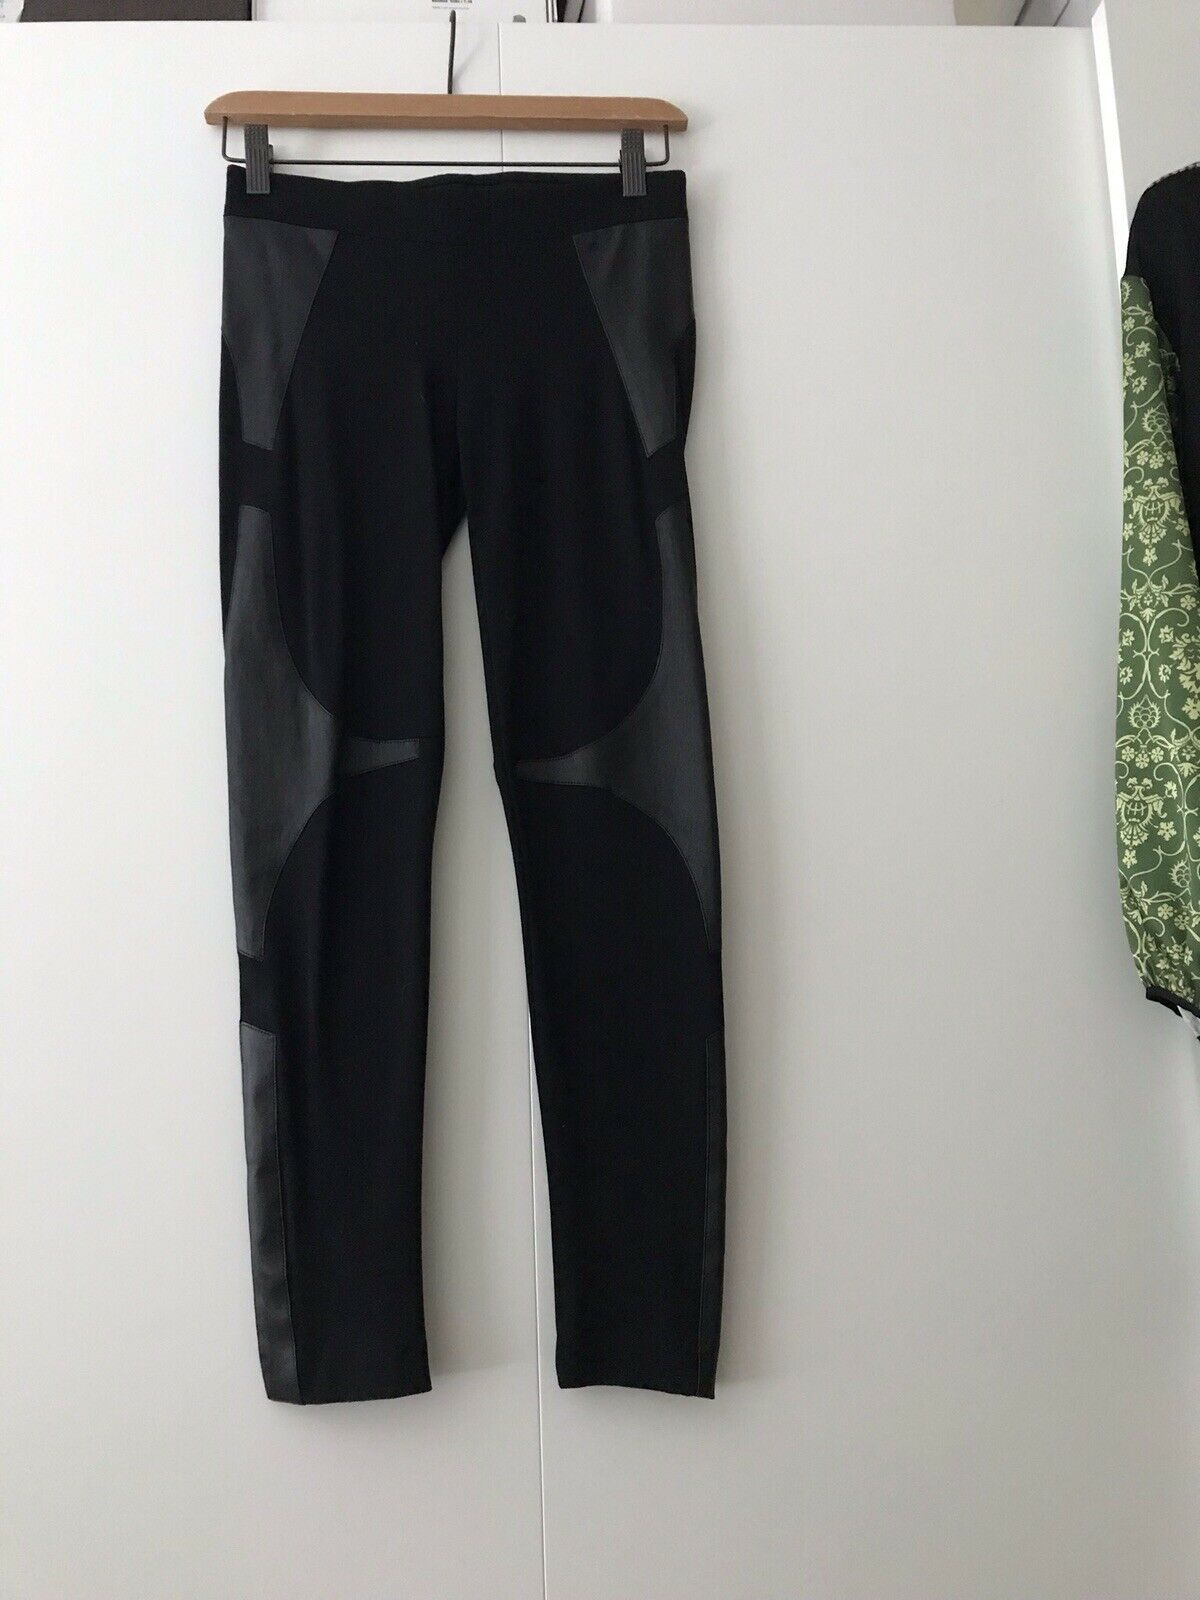 Helmut Lang Leather Paneled Legging Size 0